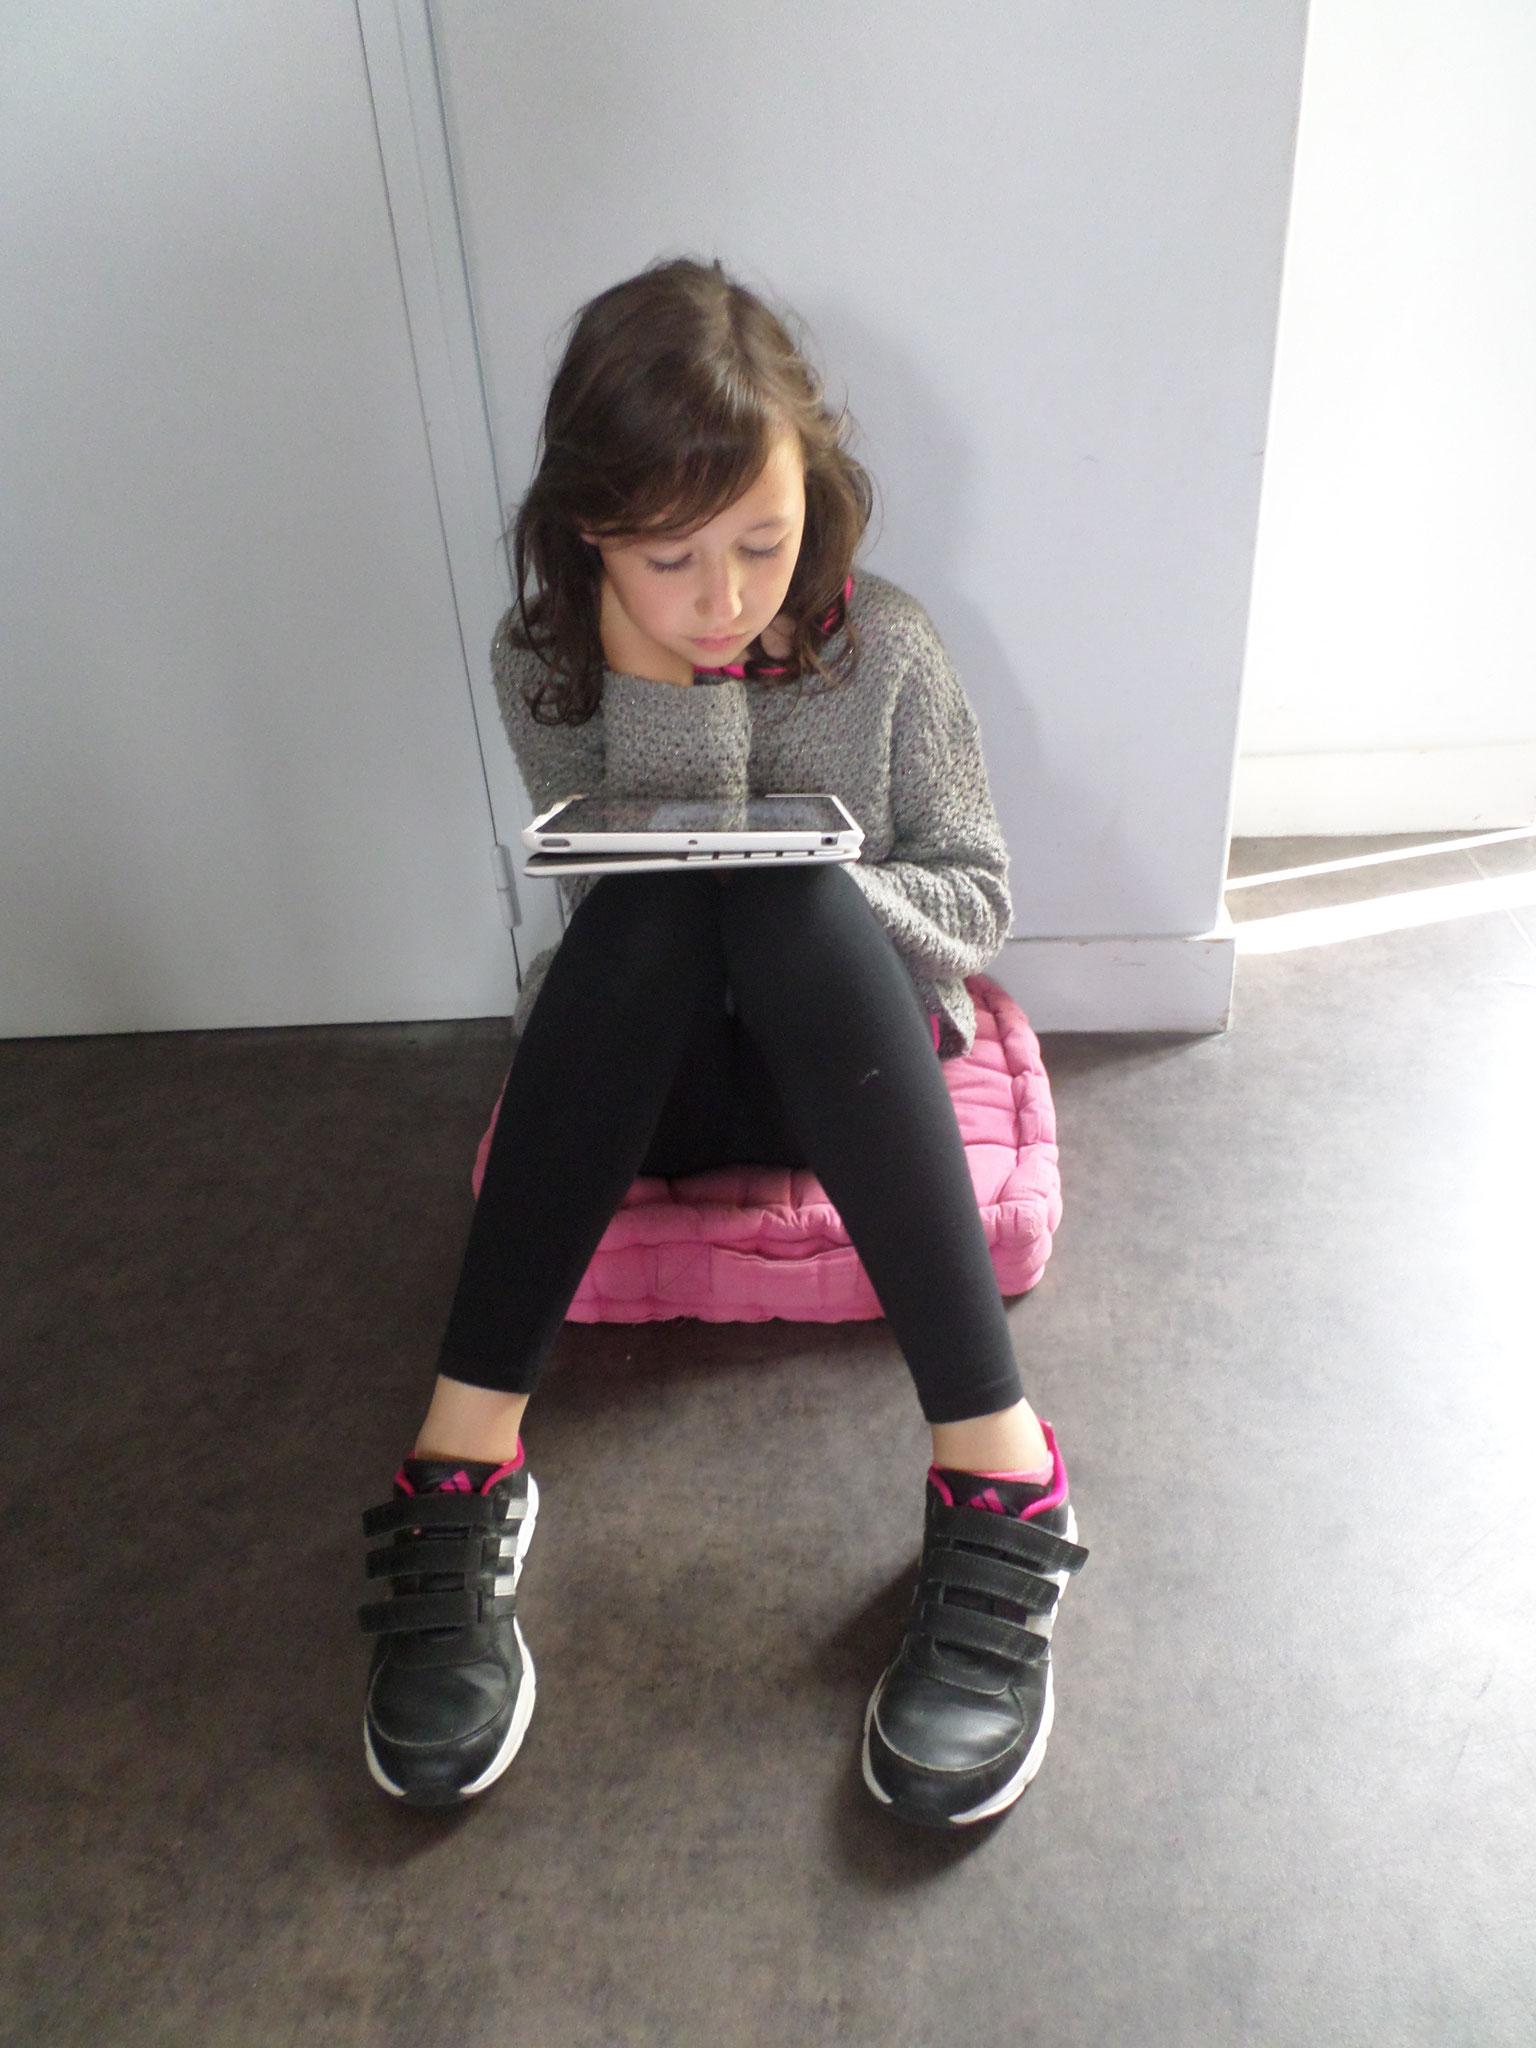 Les enfants ont découvert la vie de Van Gogh grâce à une application sur les tablettes.